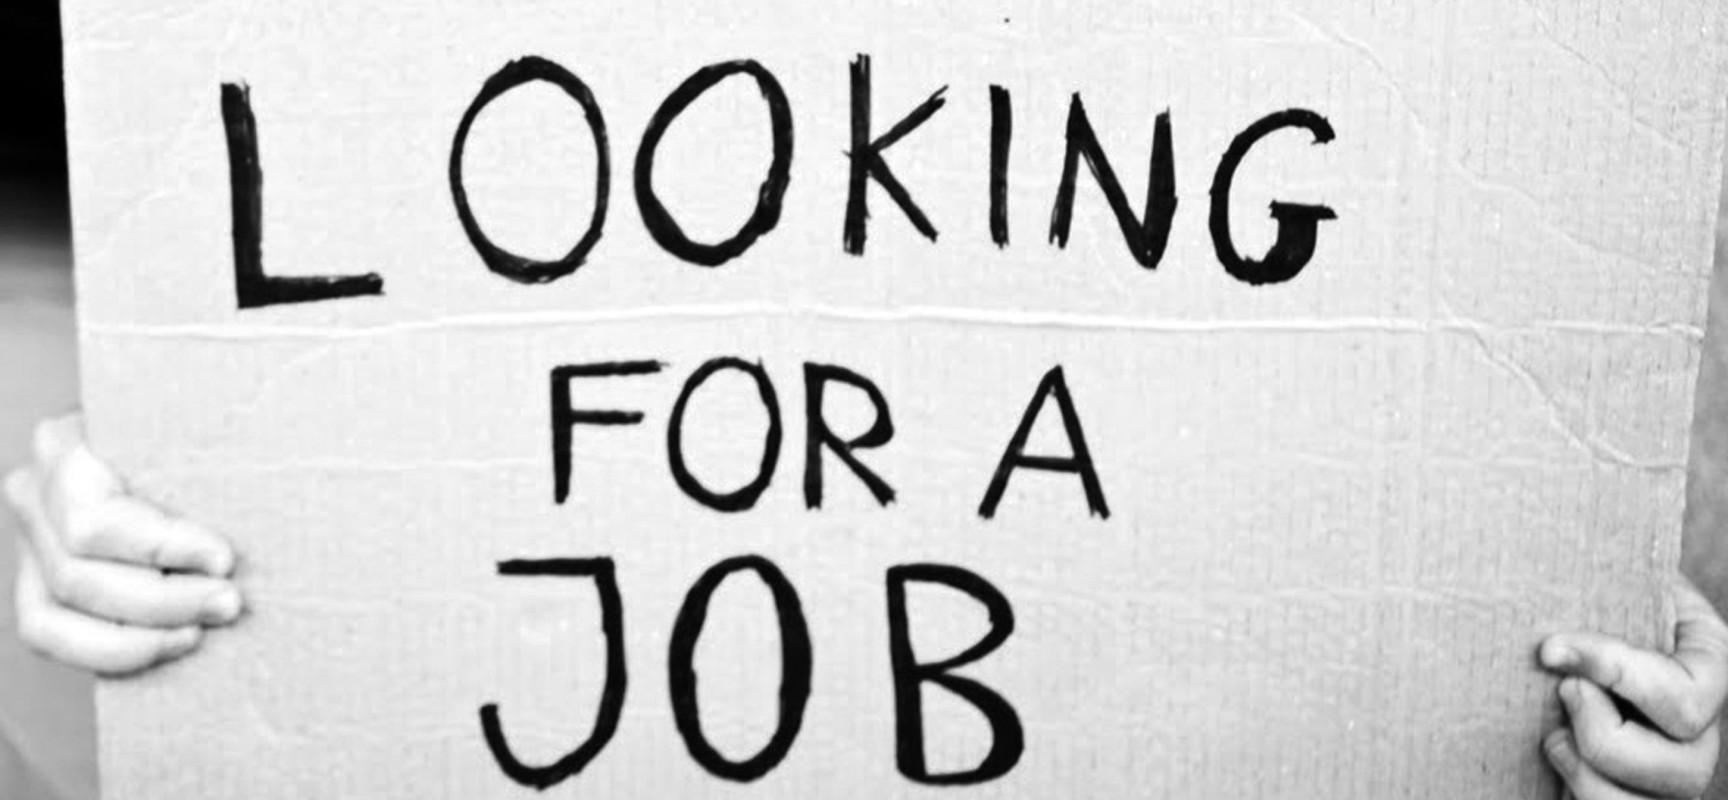 Dalla Traduzione del CV al Career Counseling: come Trovare Lavoro nel Nuovo Millennio